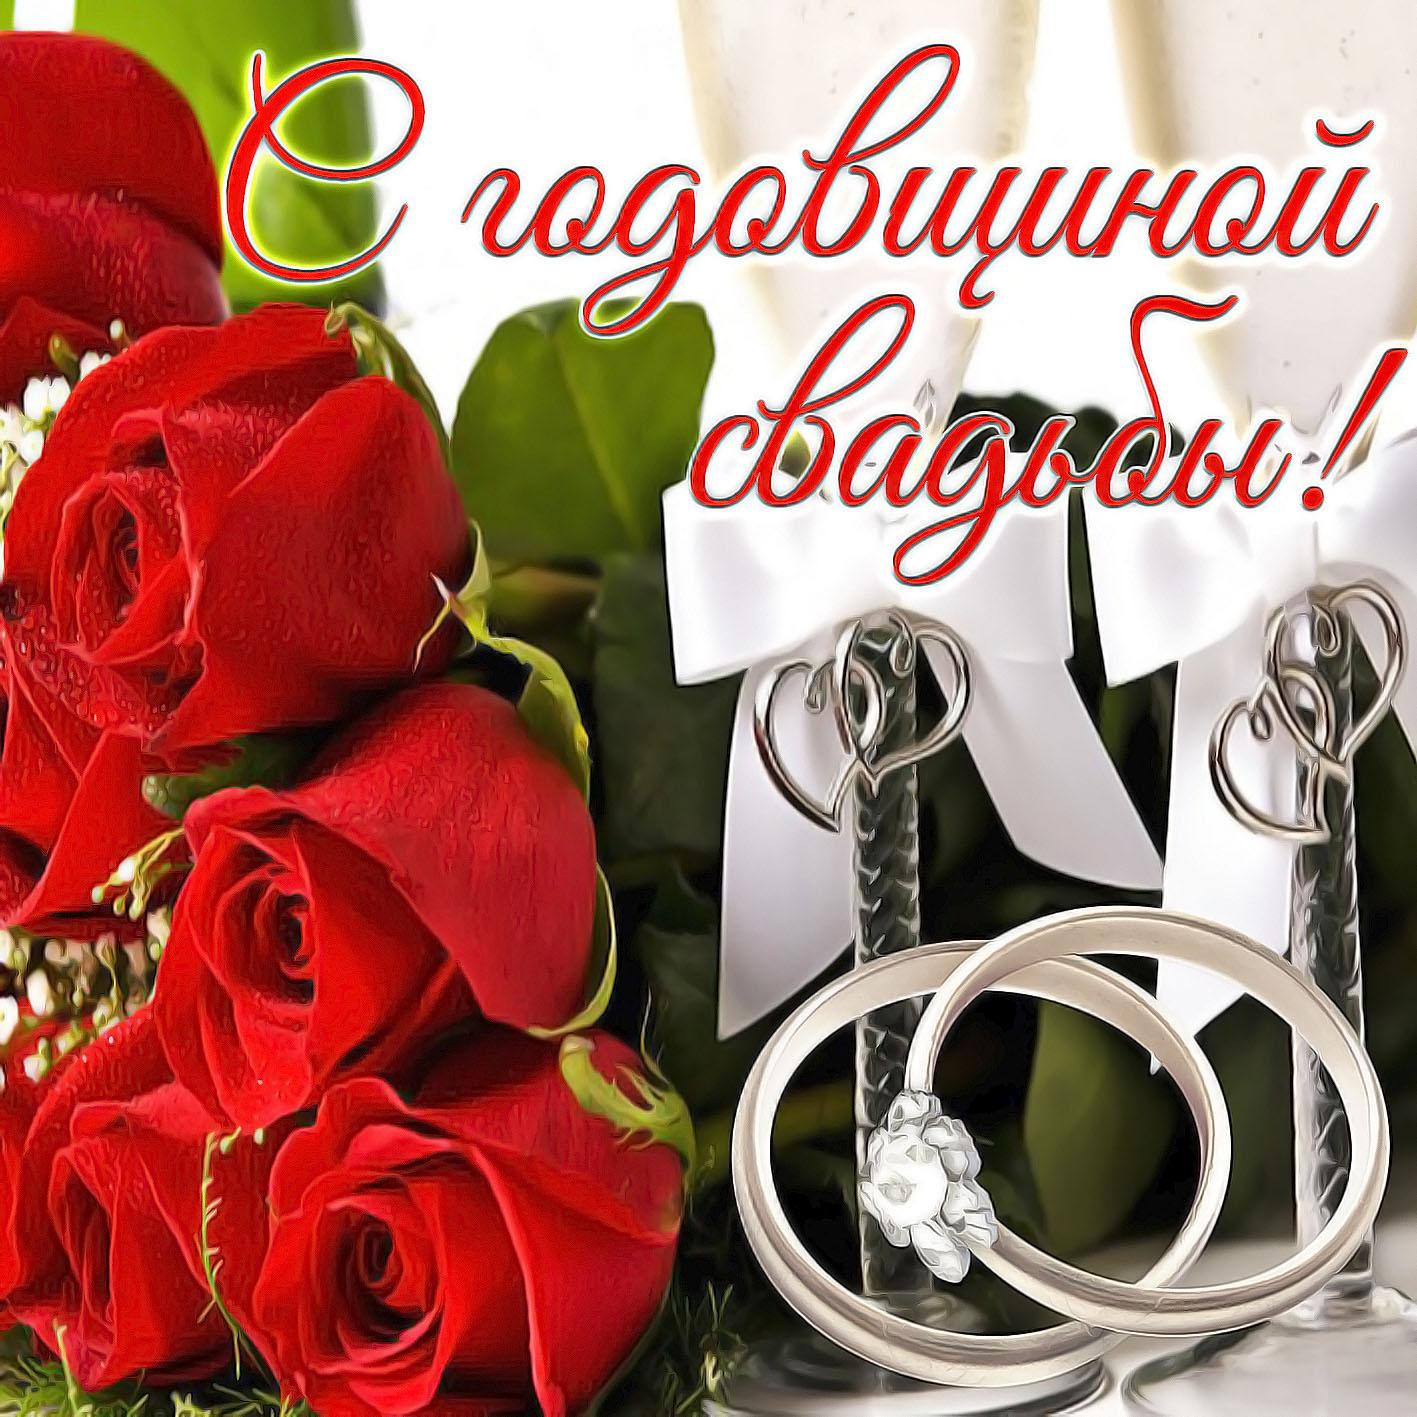 Добрым утром, видео поздравление для жены с годовщиной свадьбы